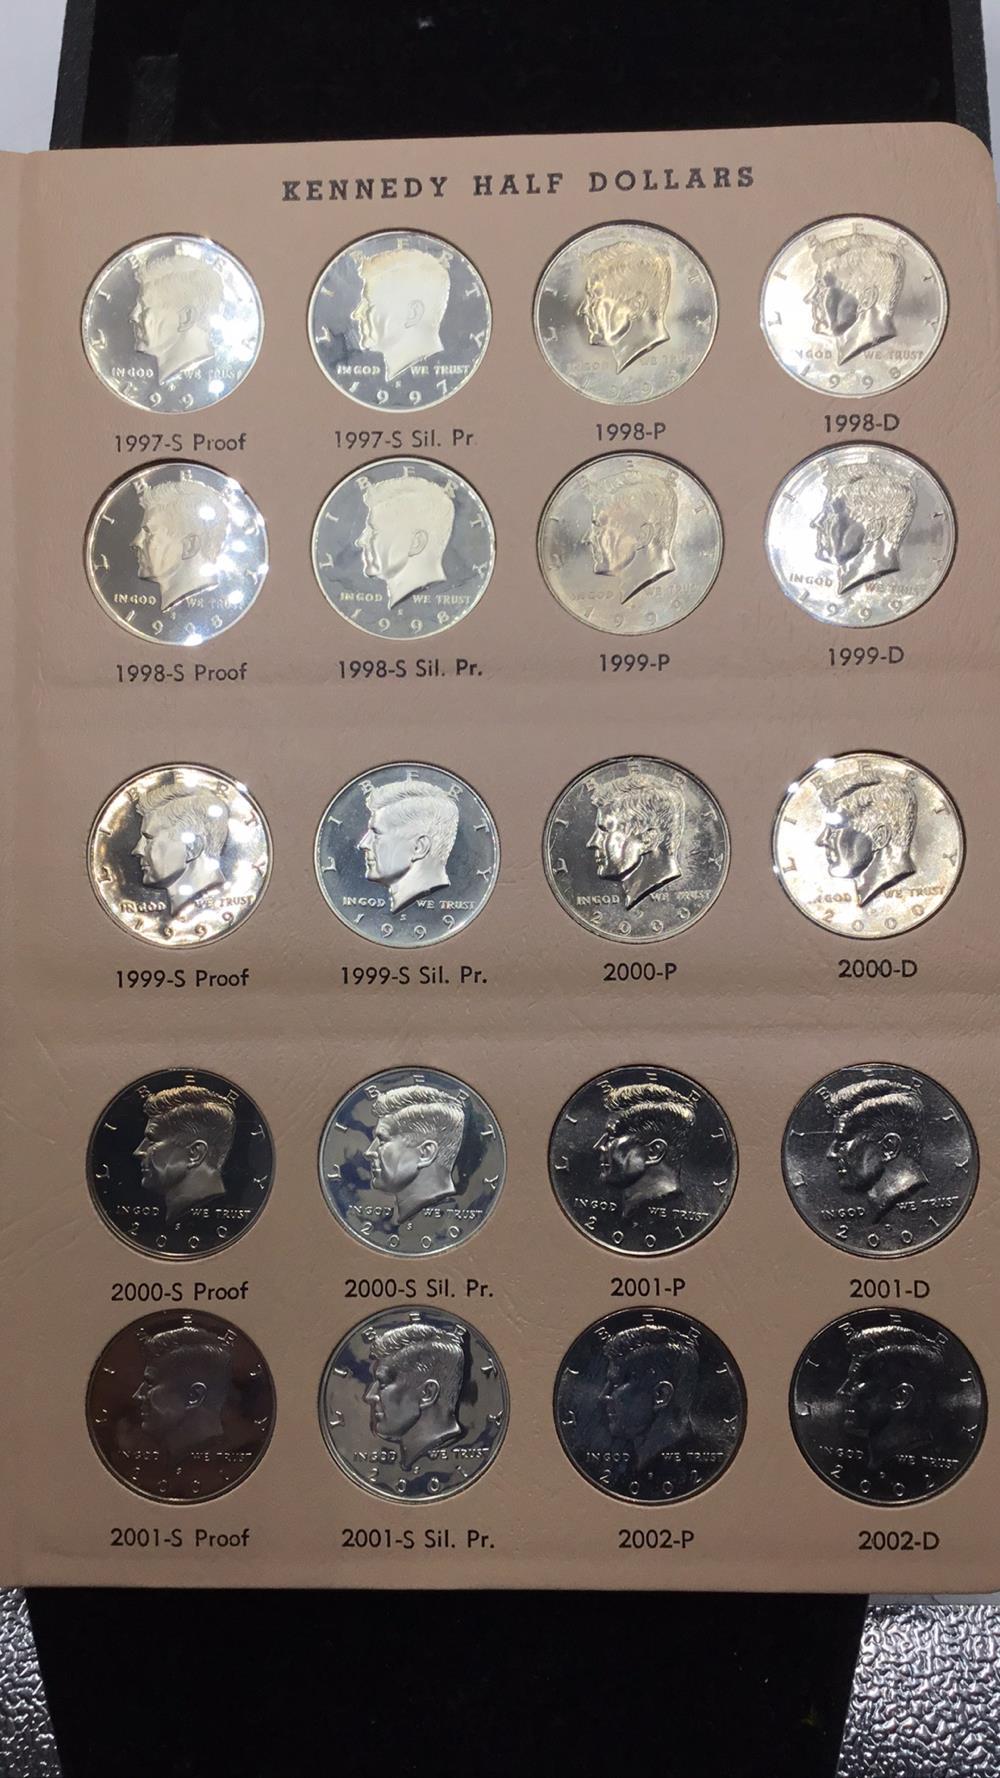 20 Kennedy half dollars